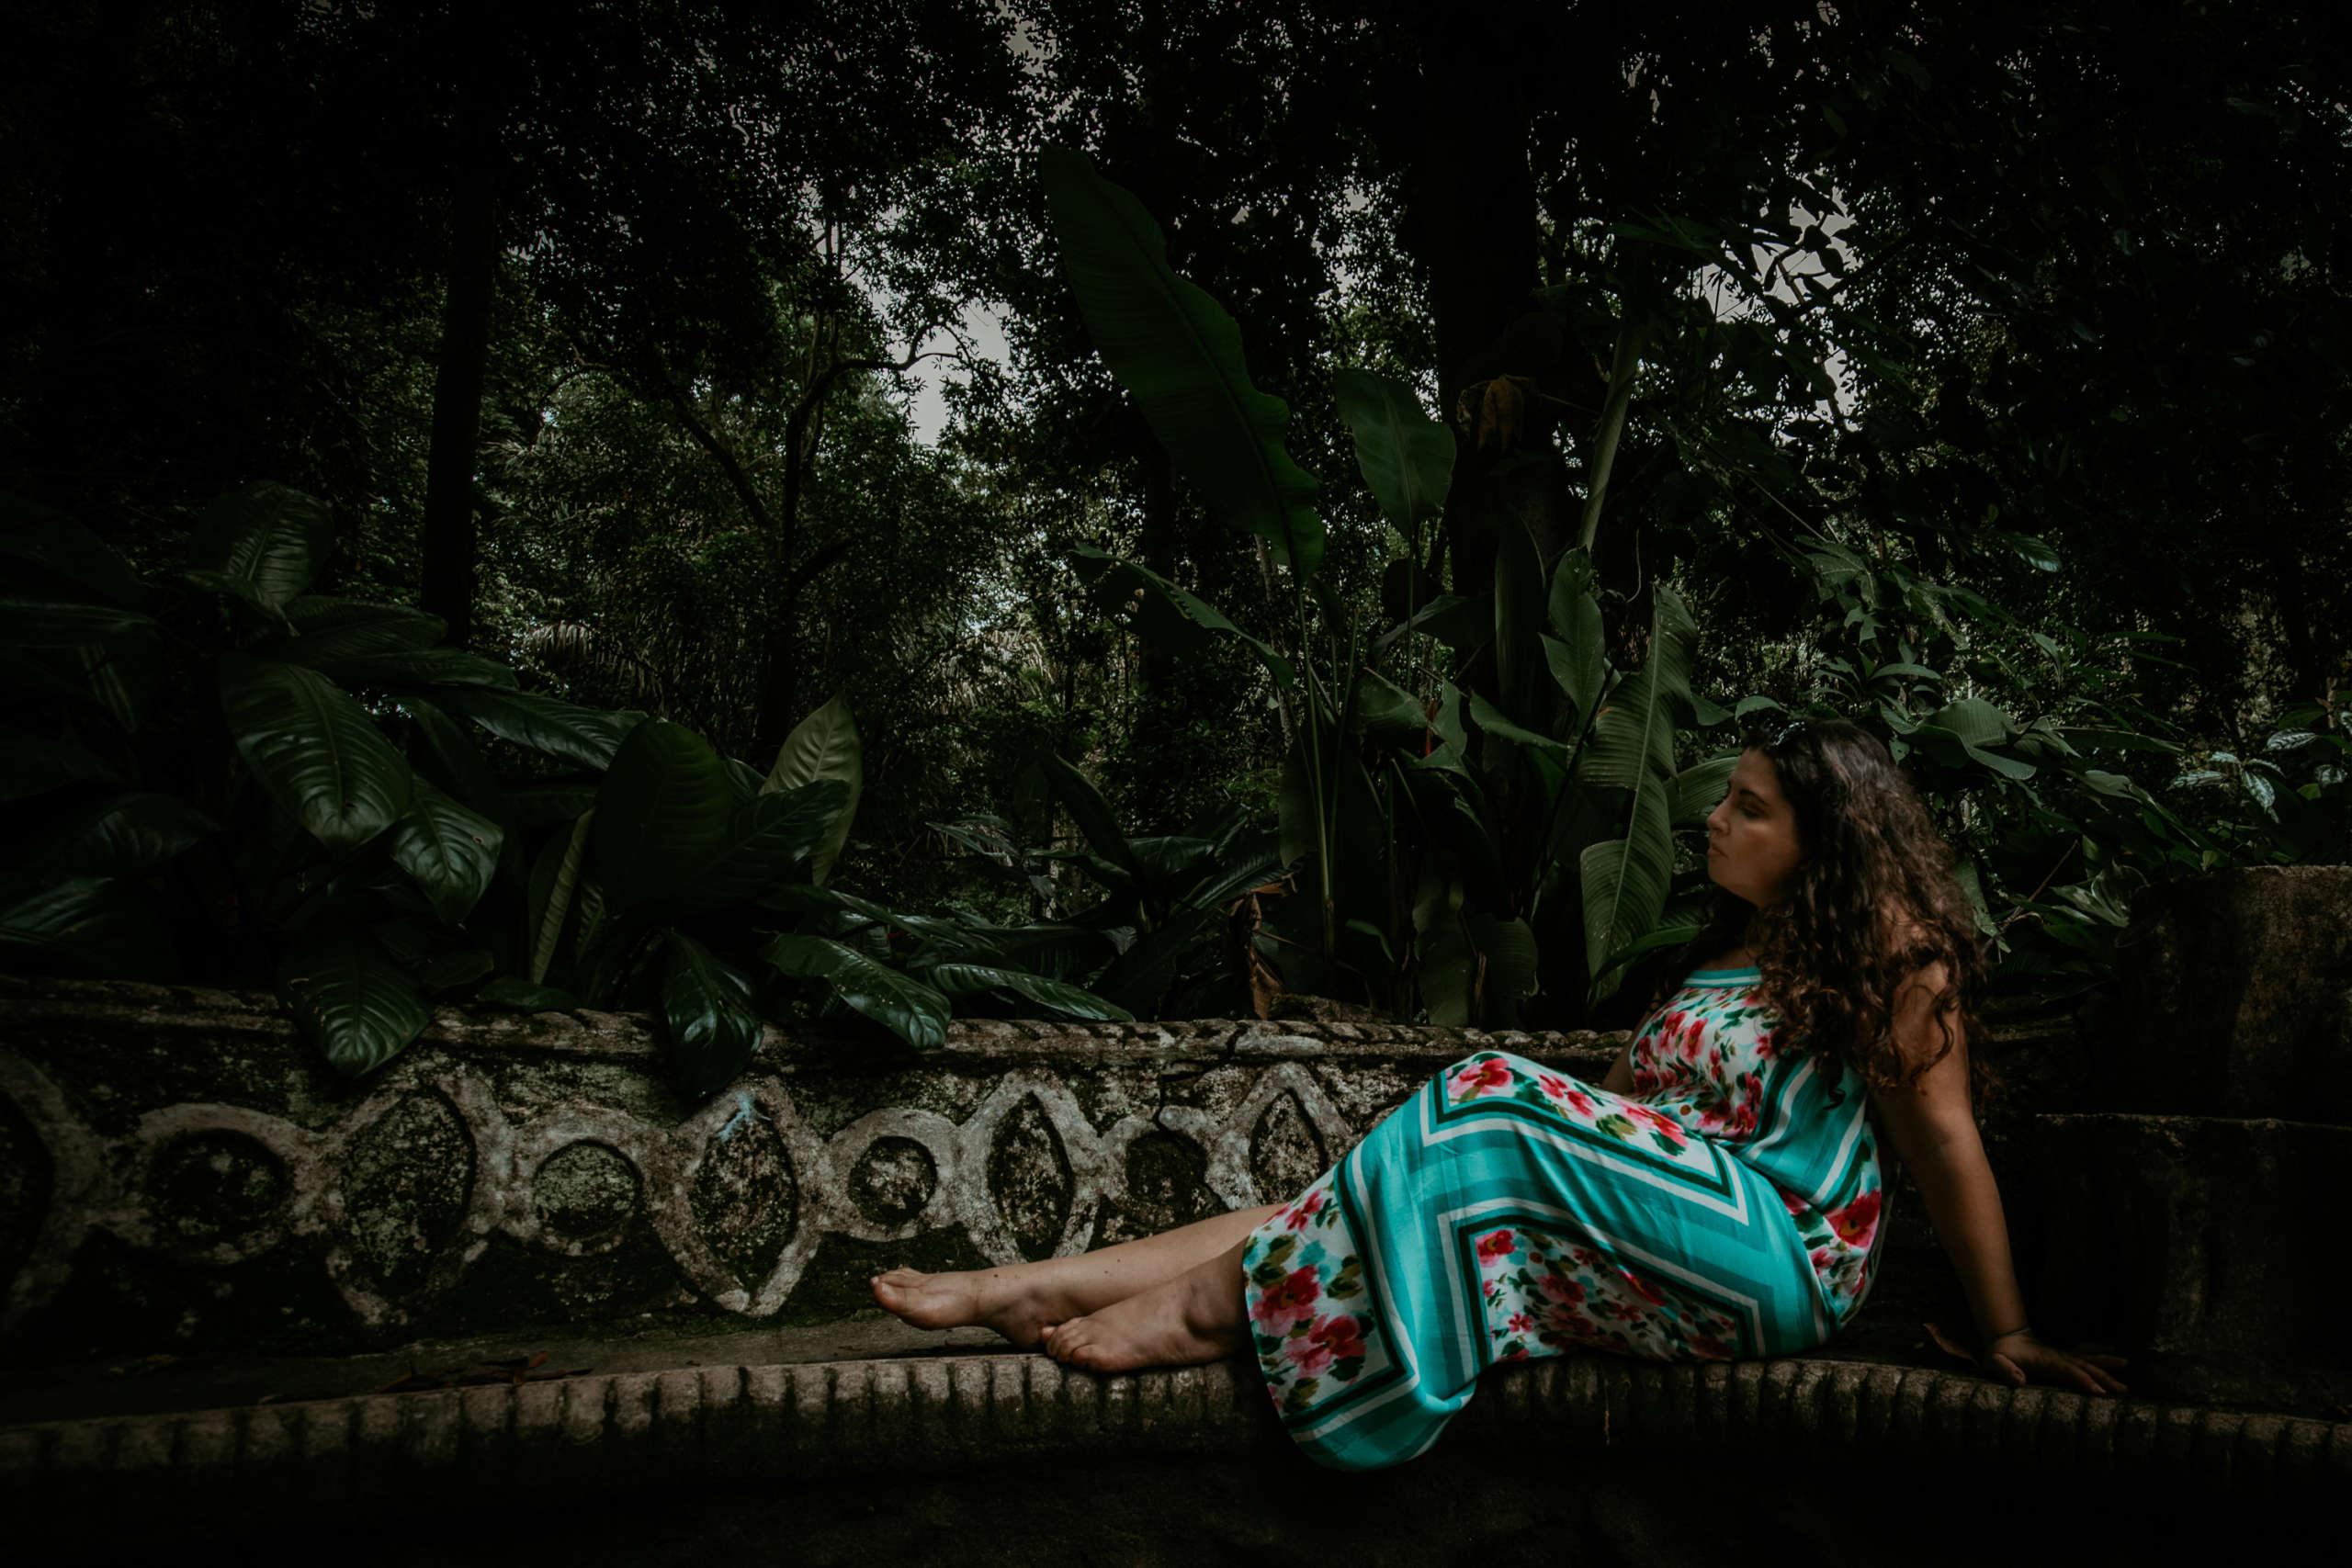 Eine Frau die auf einer Bank unter Bäumen sitzt.